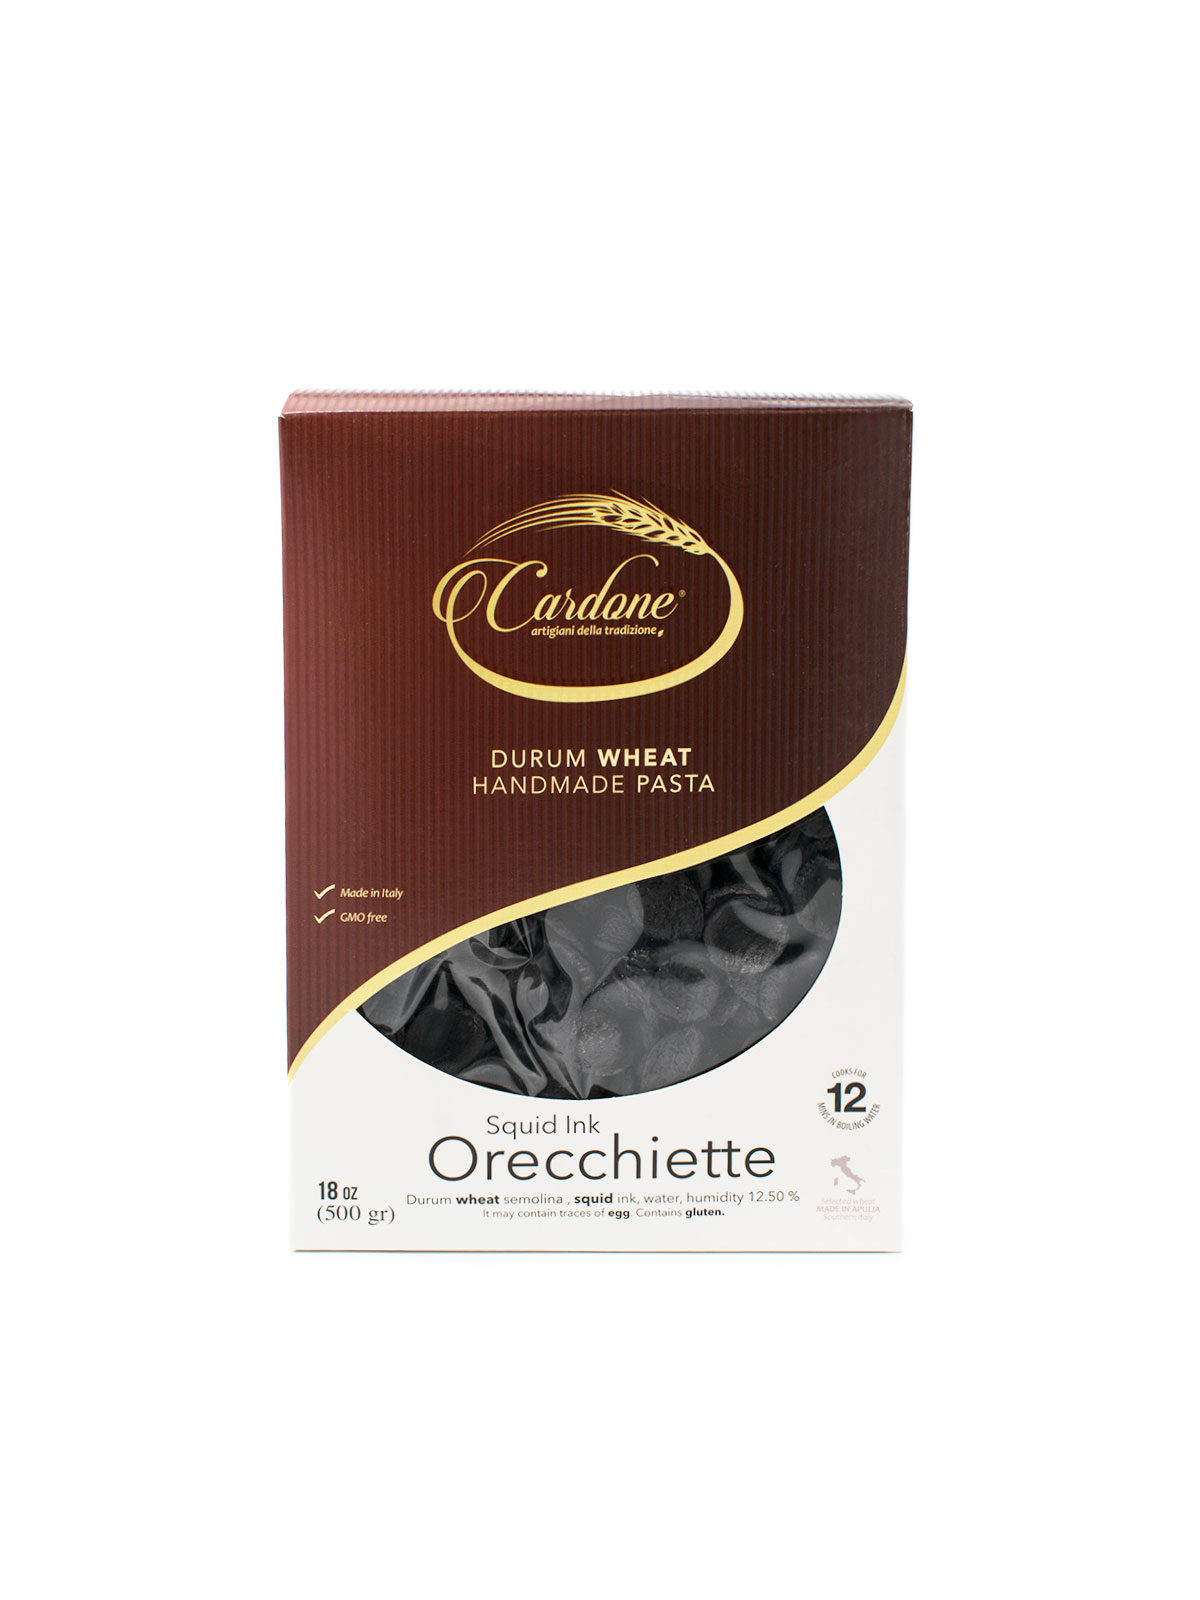 Squid Ink Orecchiette - Pastas, Rice, and Grains - Buon'Italia